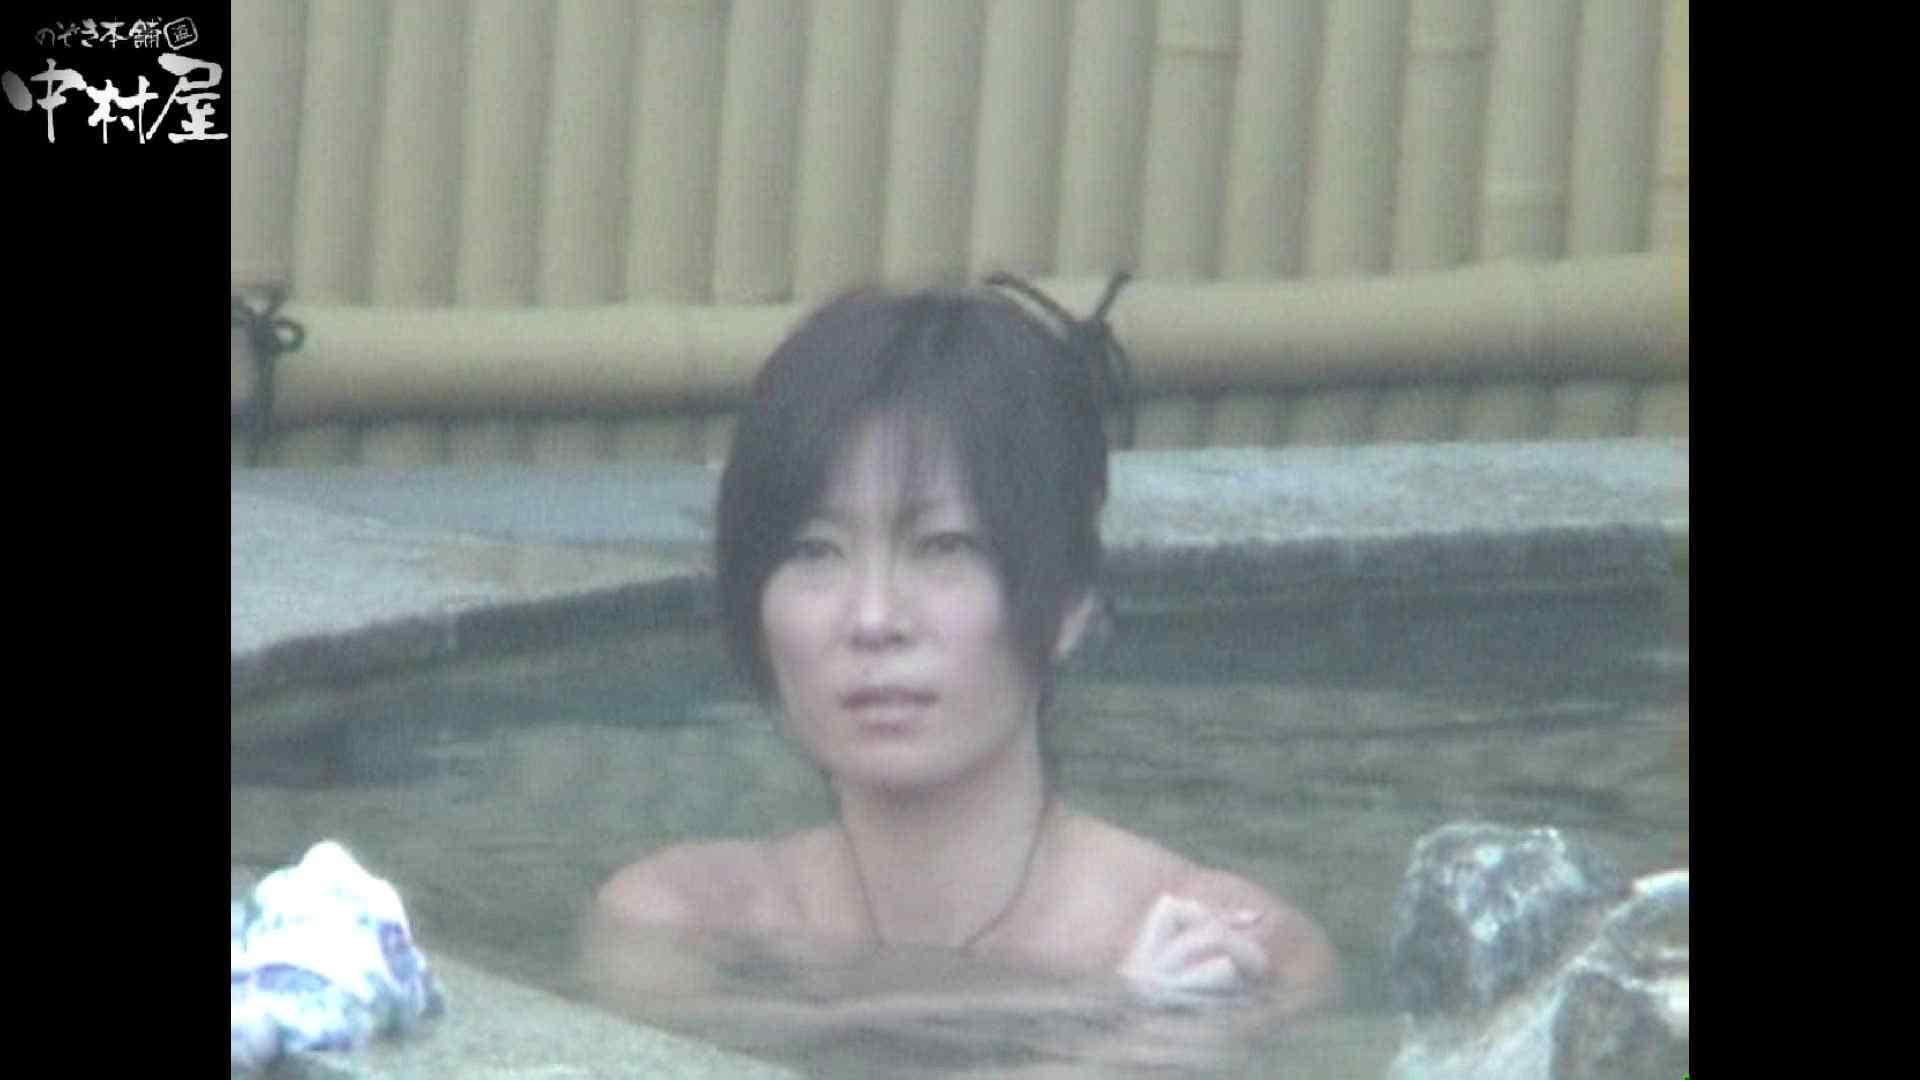 Aquaな露天風呂Vol.972 OLのエロ生活  105連発 78